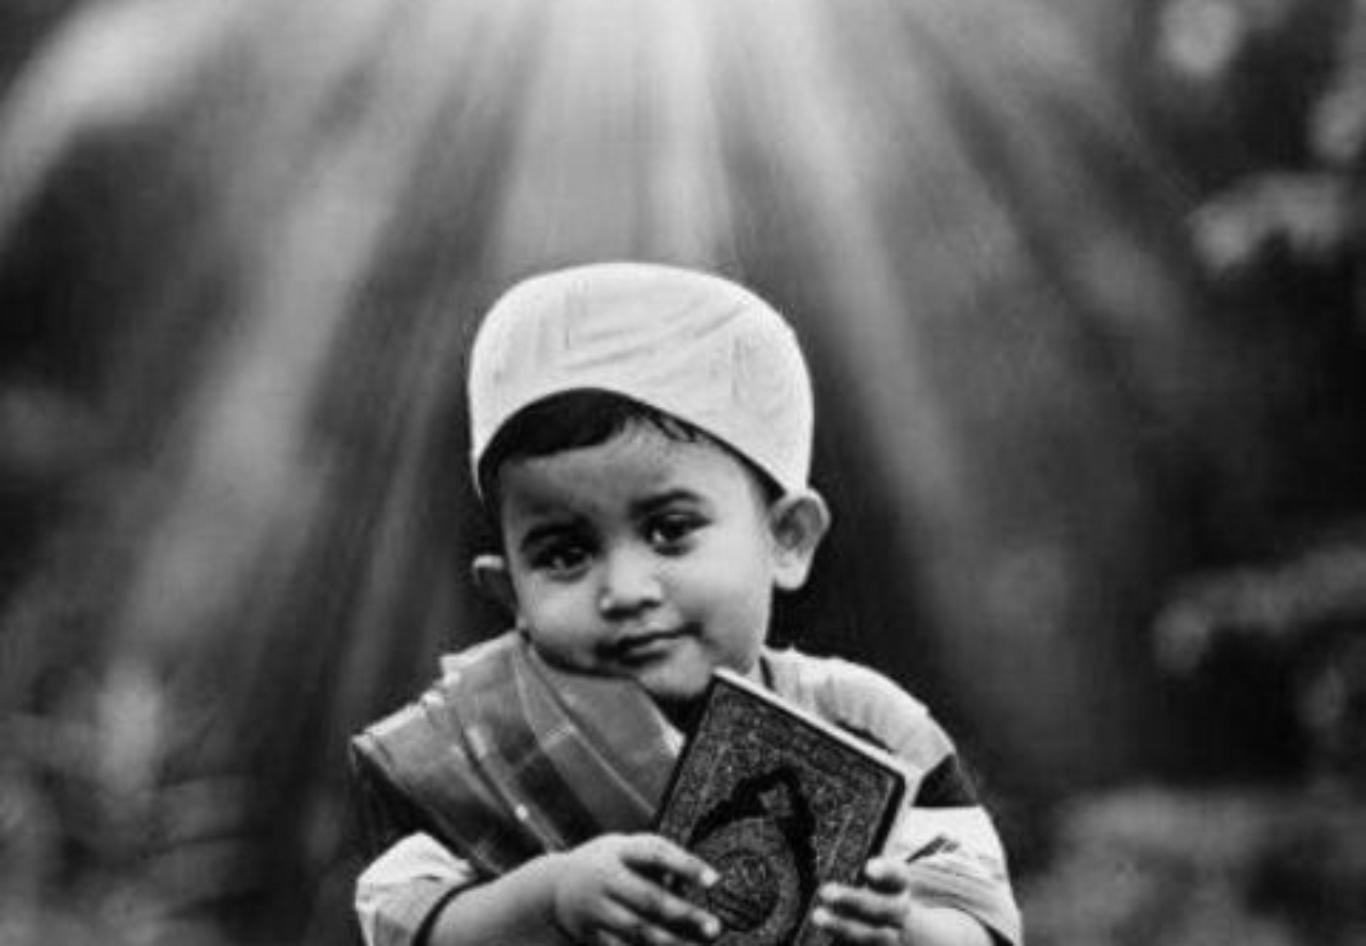 510 Gambar Anak Kecil Sholeh Gratis Terbaru